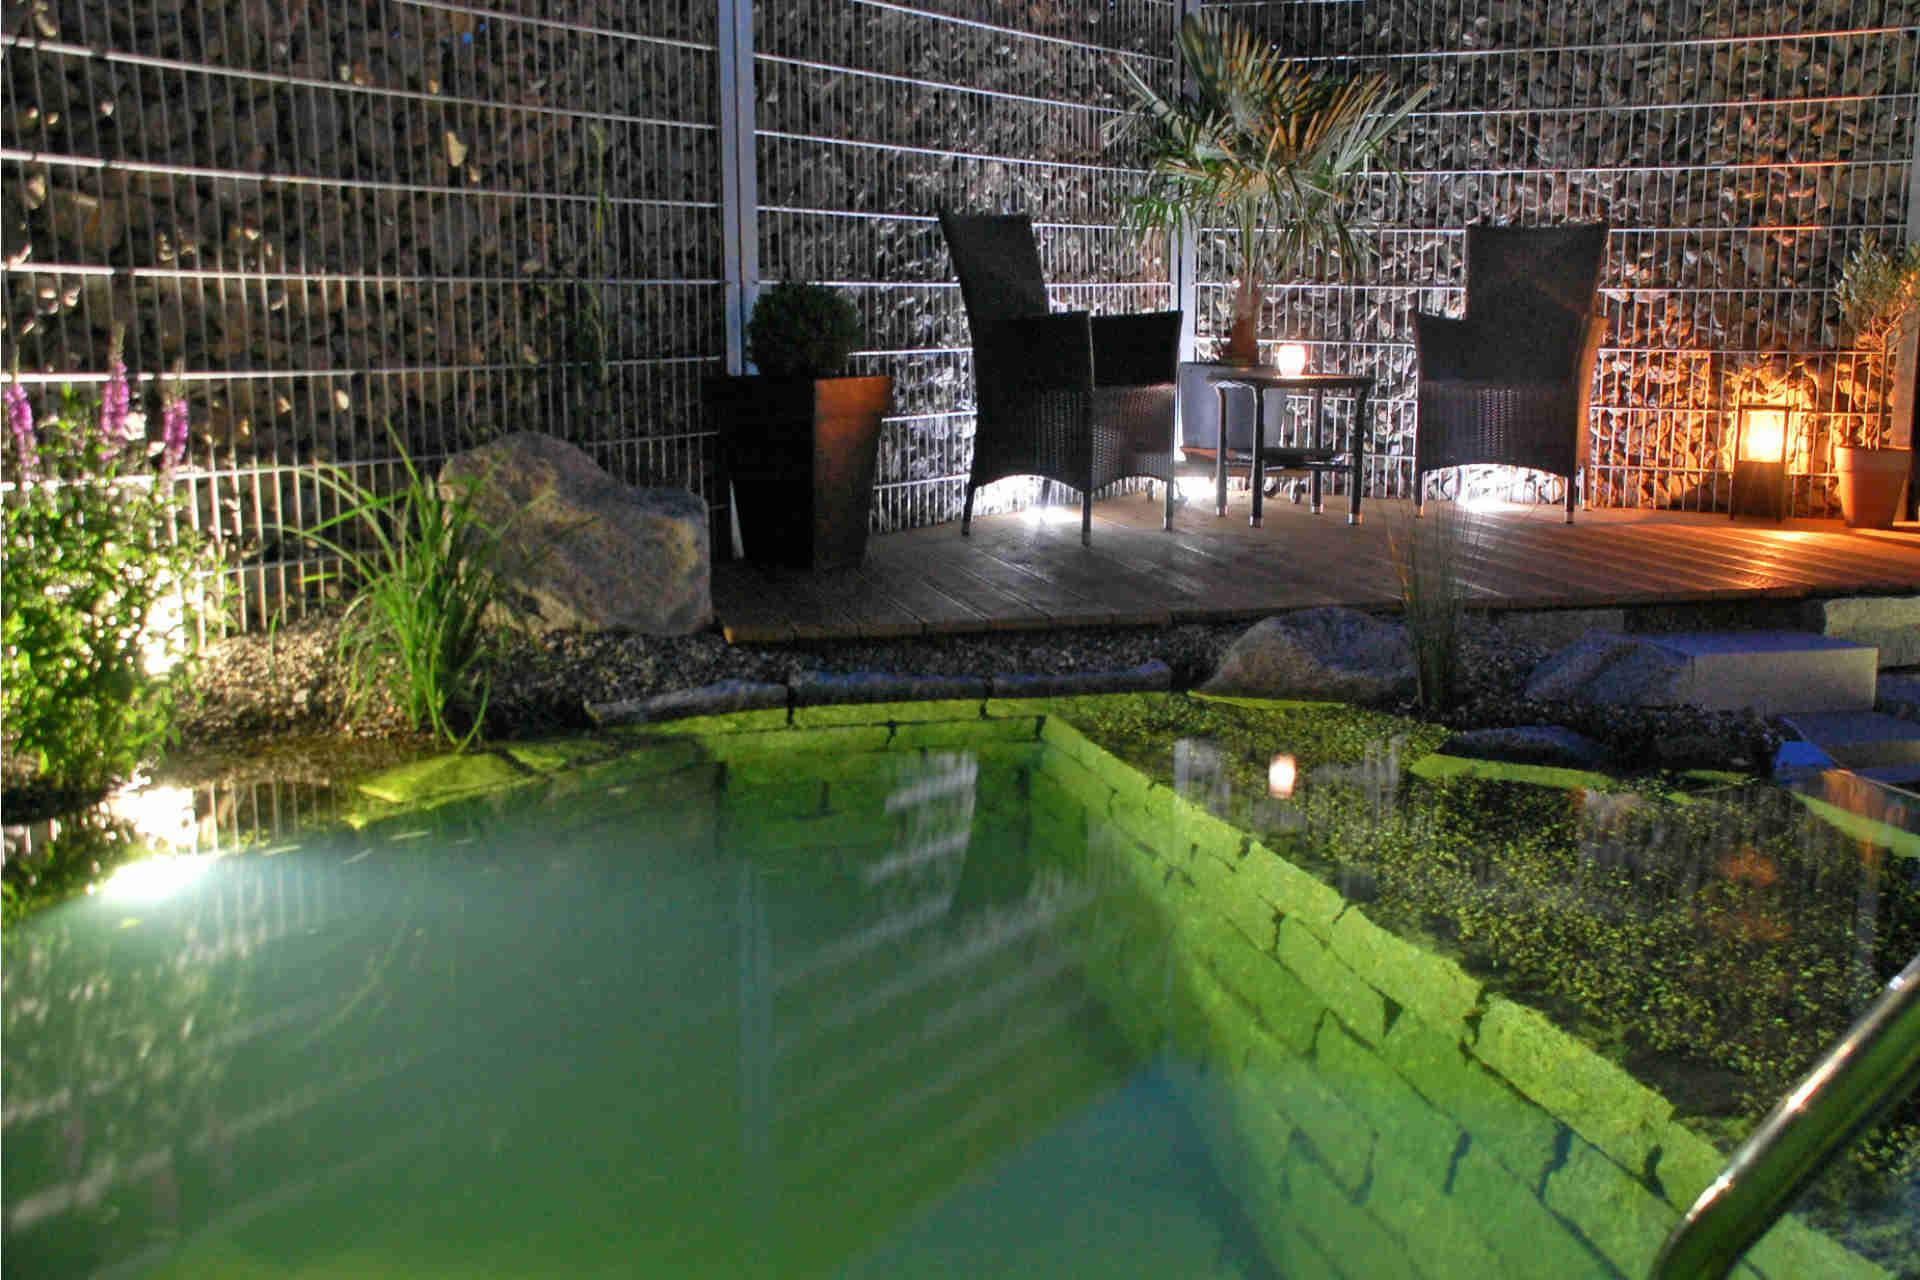 kalhofer gartengestaltung schwimmteiche landschaftsbau gartenbeleuchtung. Black Bedroom Furniture Sets. Home Design Ideas